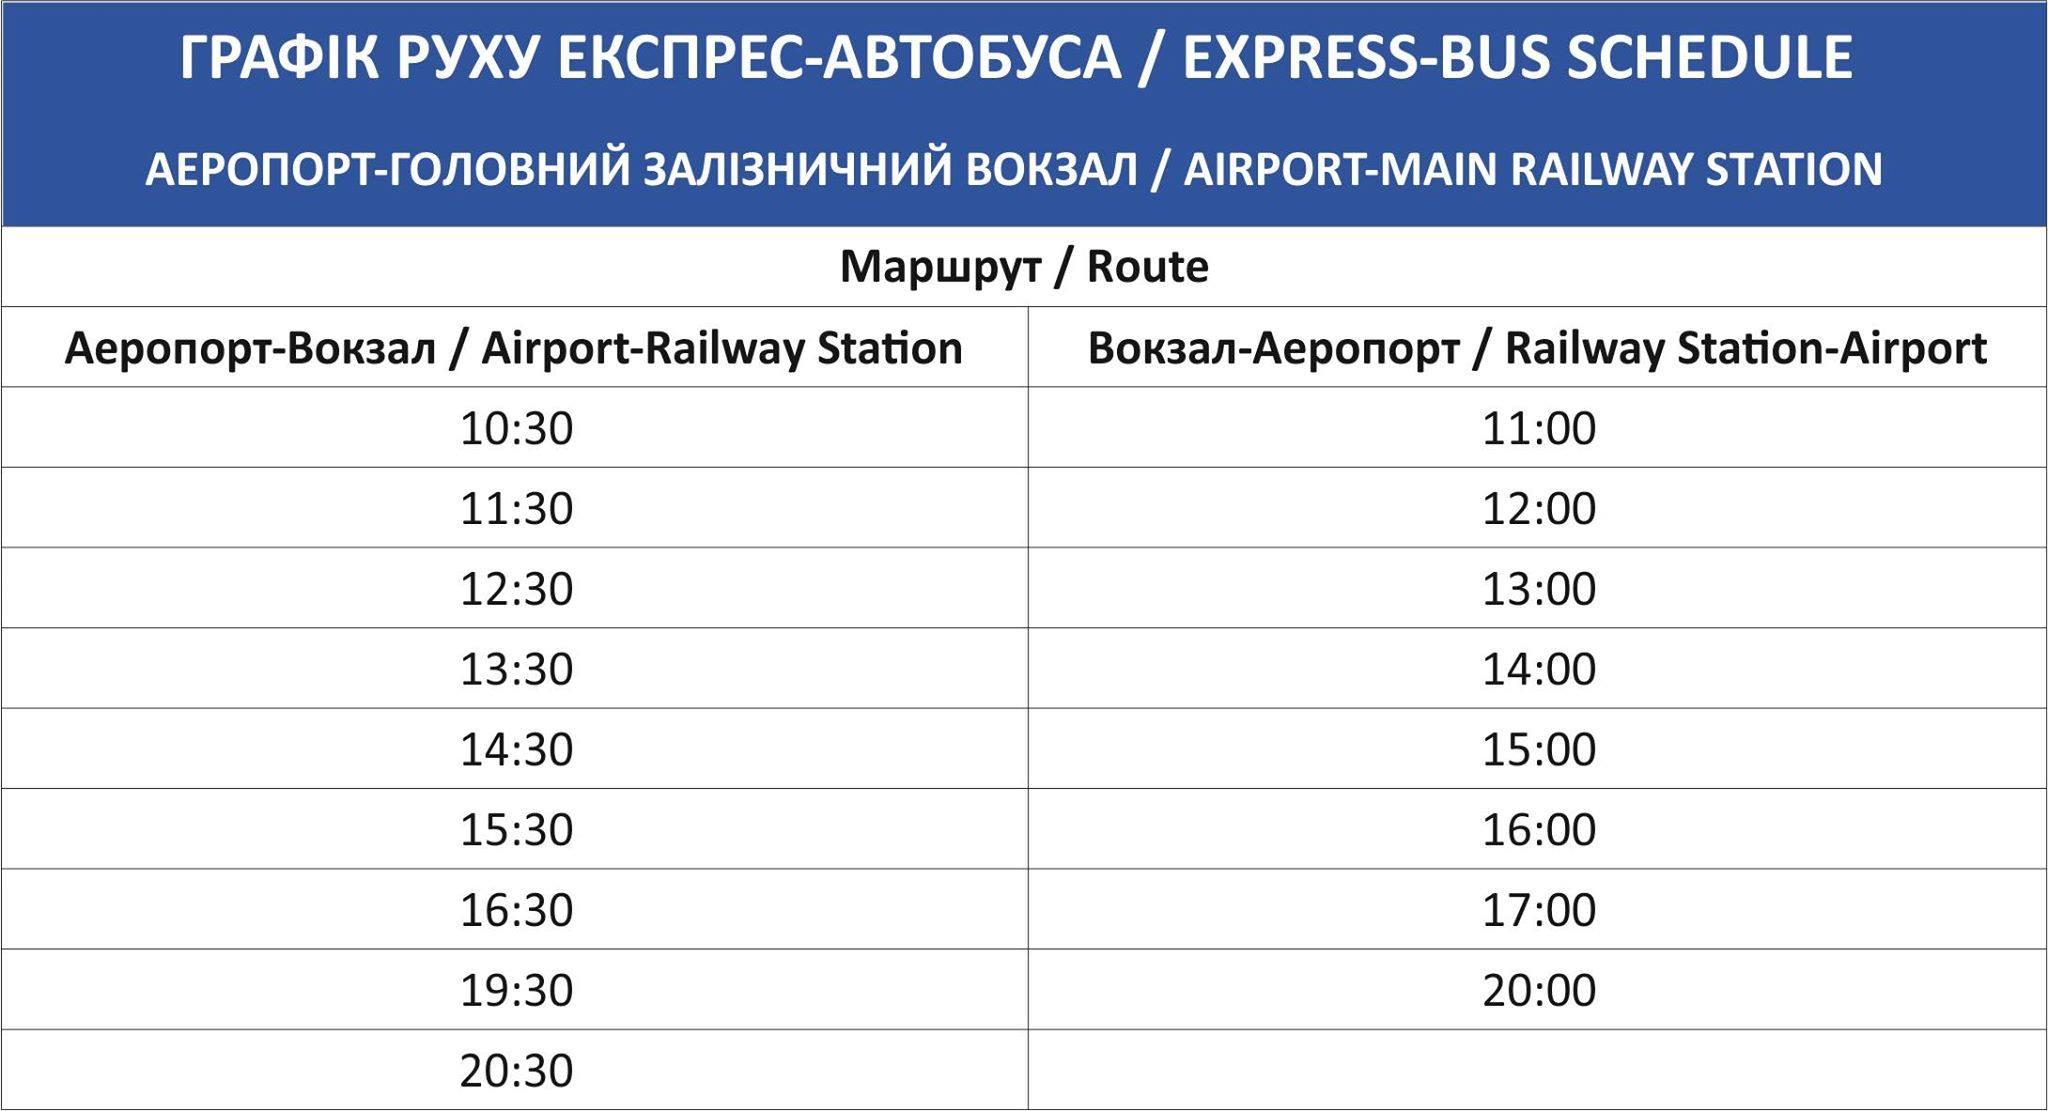 Новое расписание движения автобусов во Львове между аэропортом и железнодорожным вокзалом